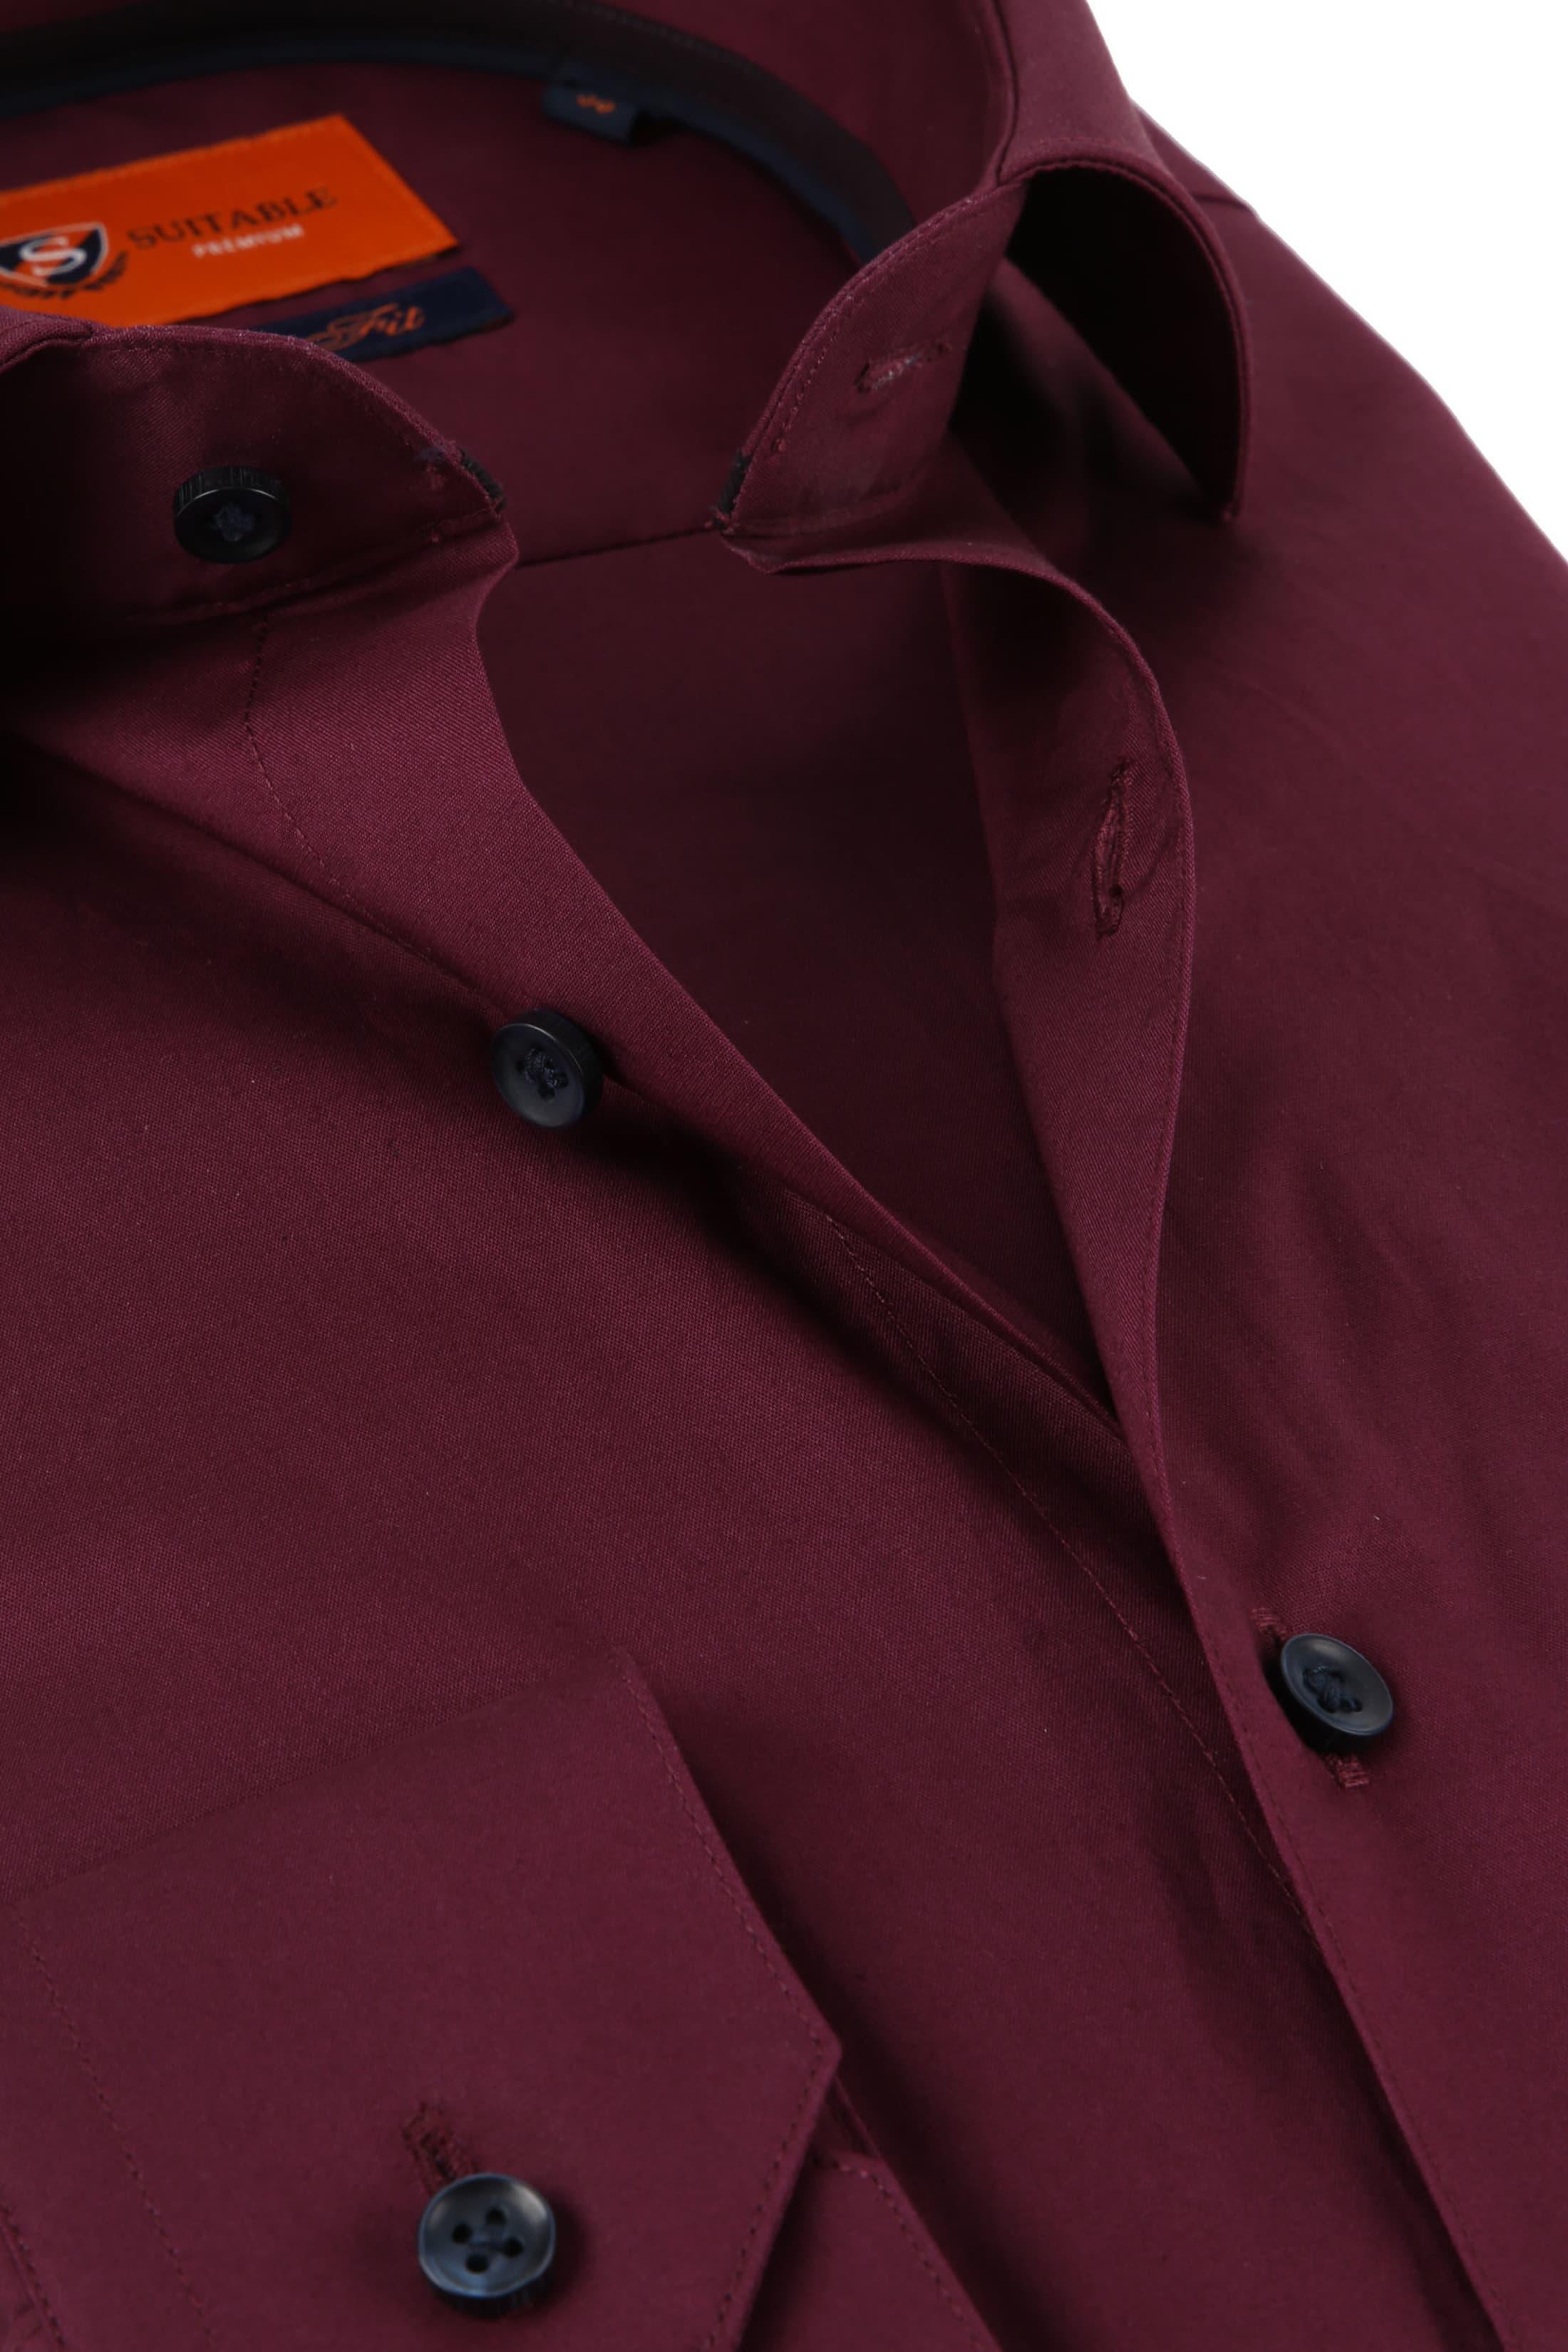 outlet store sale 1b79a 02003 Suitable Hemd SF Bordeaux D82-12 online kaufen   Suitable